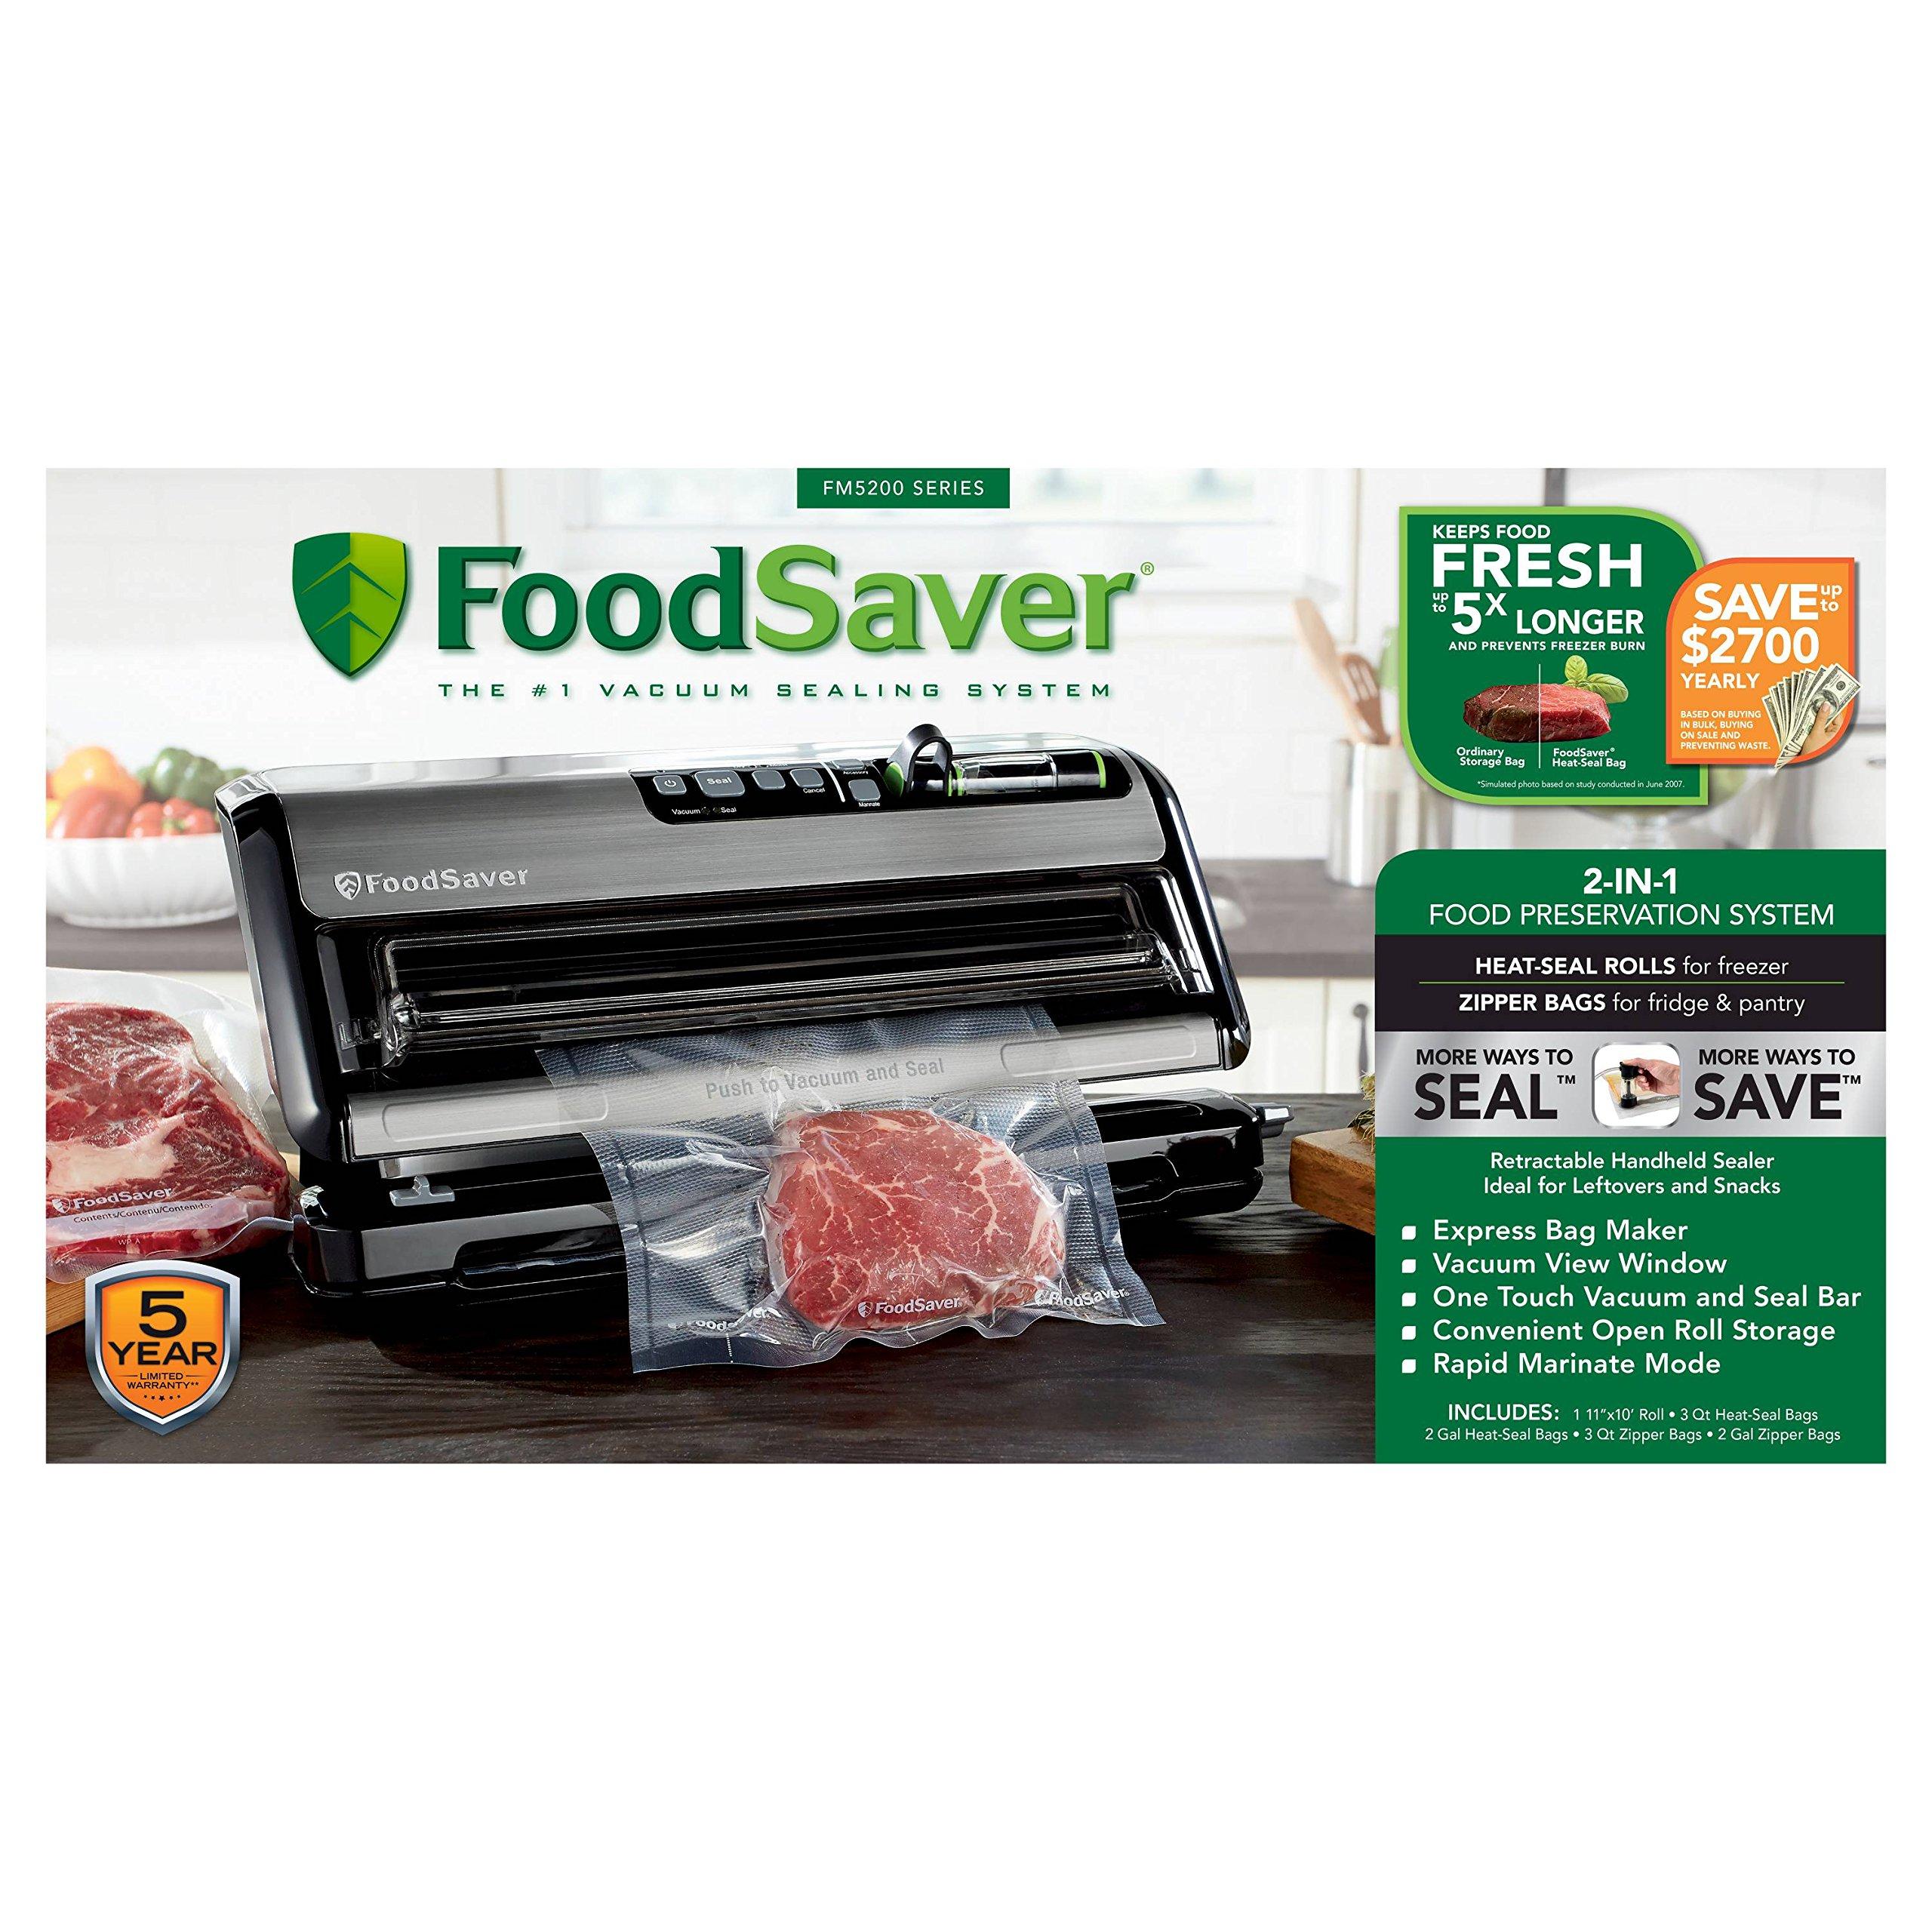 FoodSaver FM 5200 Series by FoodSaver